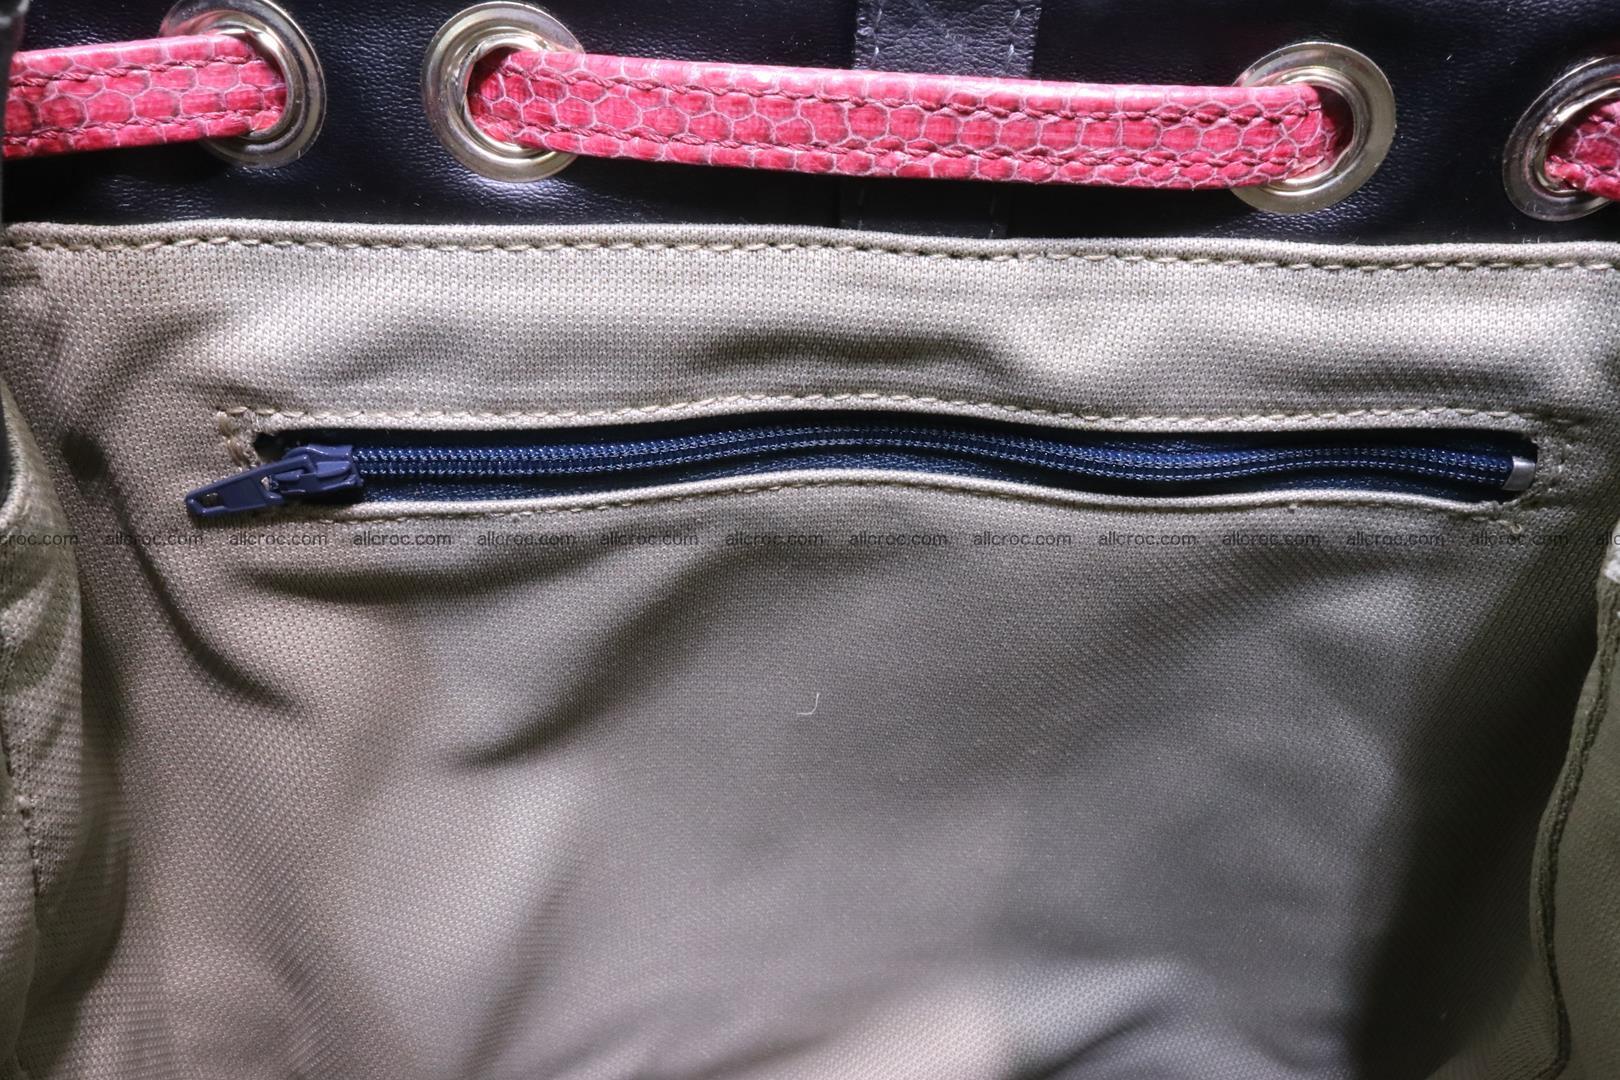 Cobra skin backpack with head of cobra 418 Foto 12